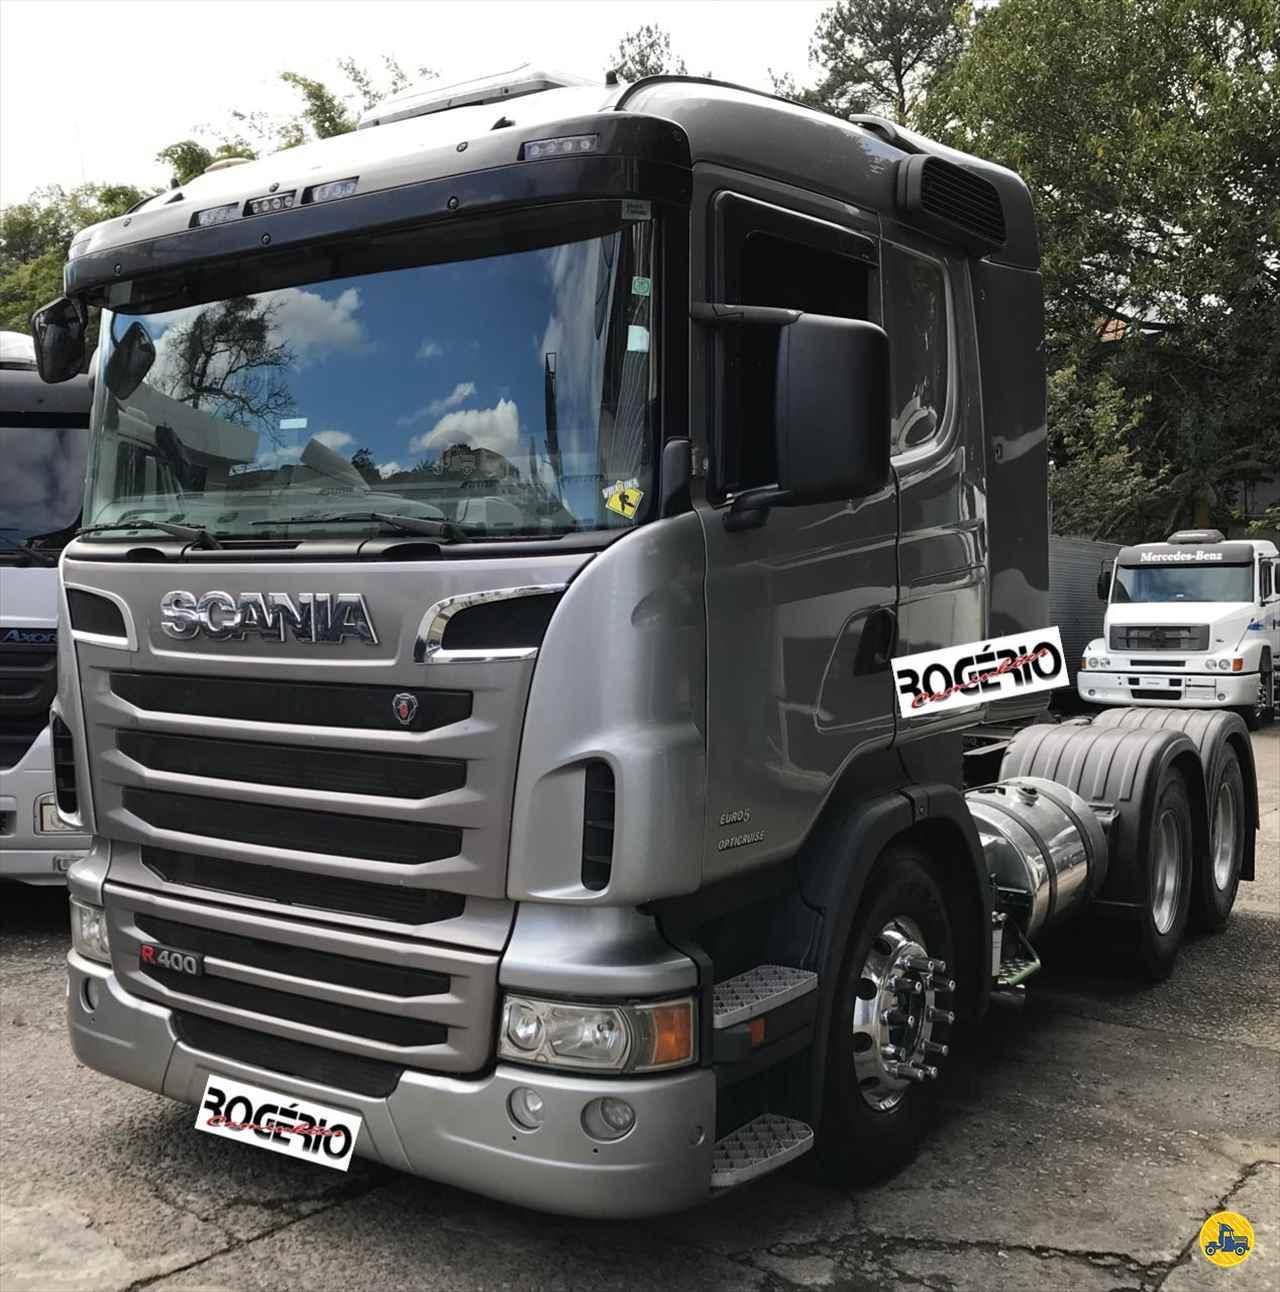 CAMINHAO SCANIA SCANIA 400 Cavalo Mecânico Truck 6x2 Rogério Caminhões SAO BERNARDO DO CAMPO SÃO PAULO SP